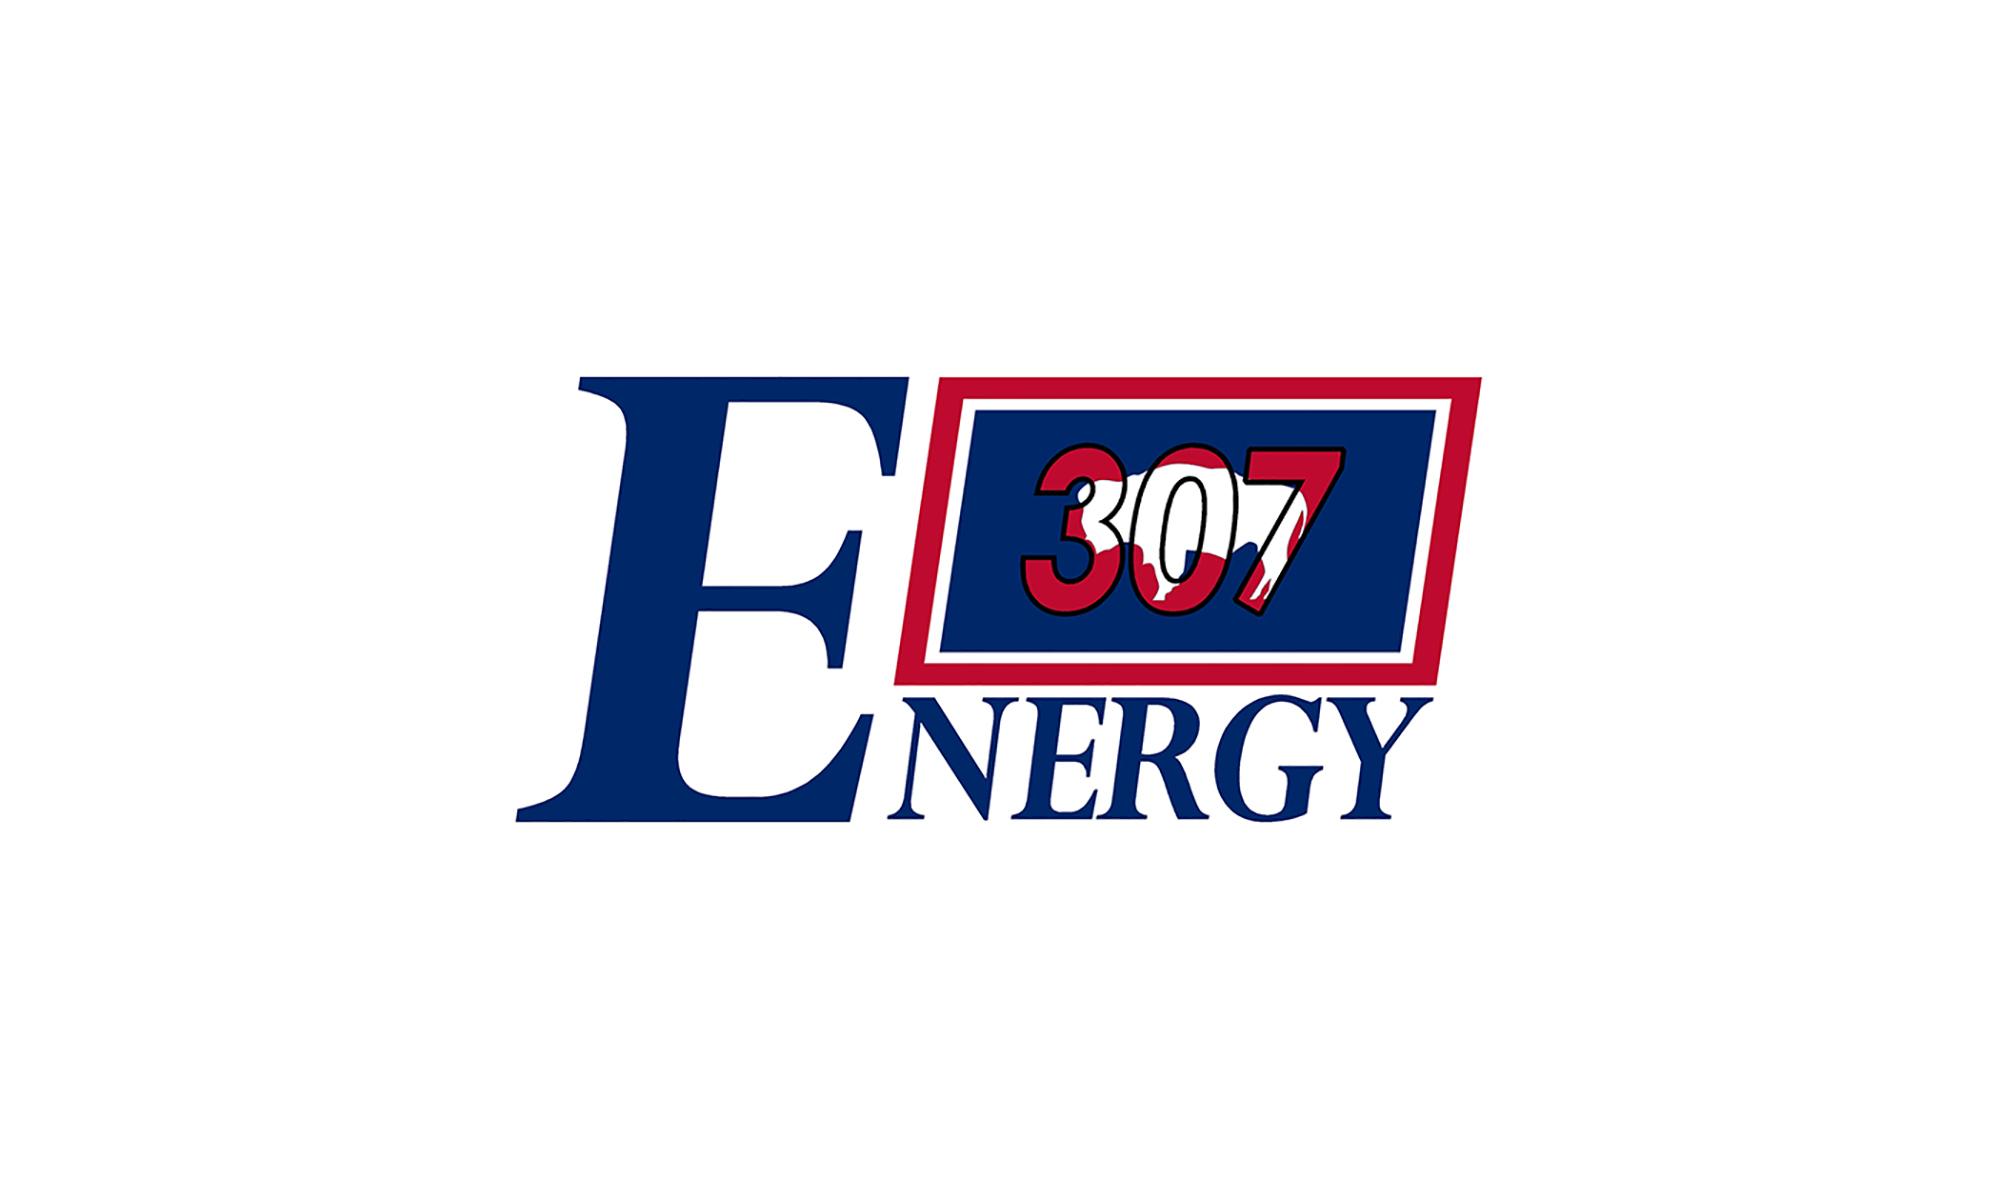 307 Energy, LLC